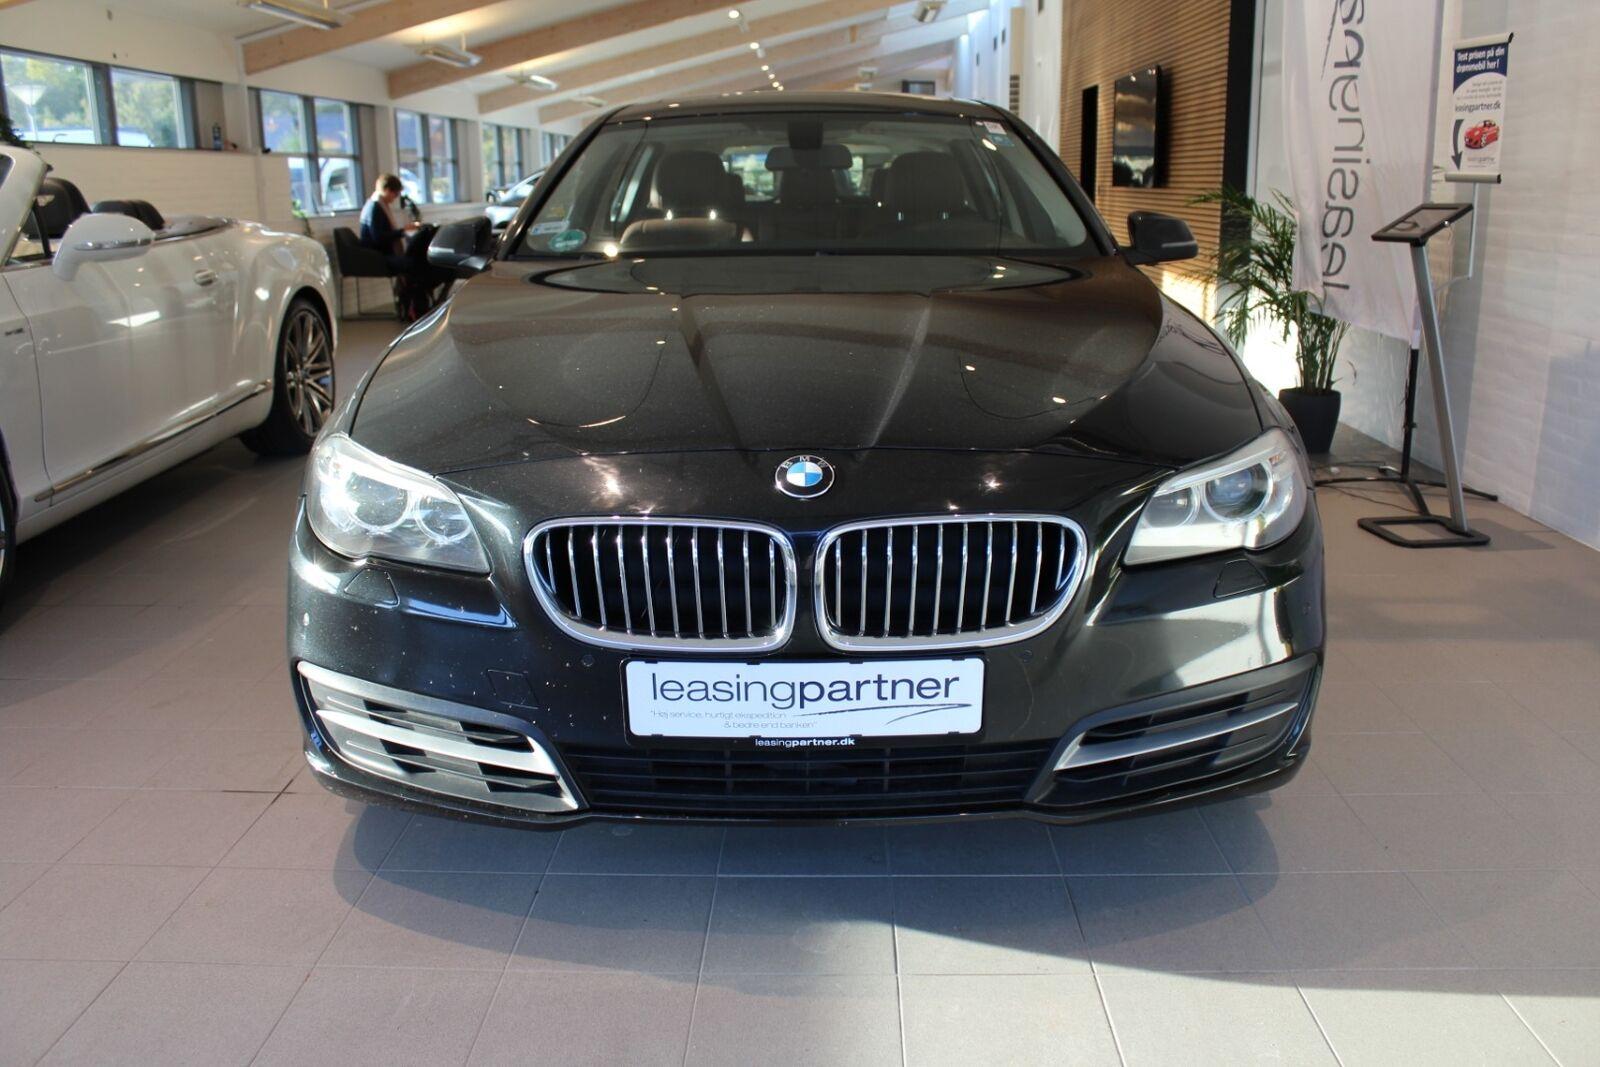 BMW 520d 2,0 Touring xDrive aut. 5d, Sort